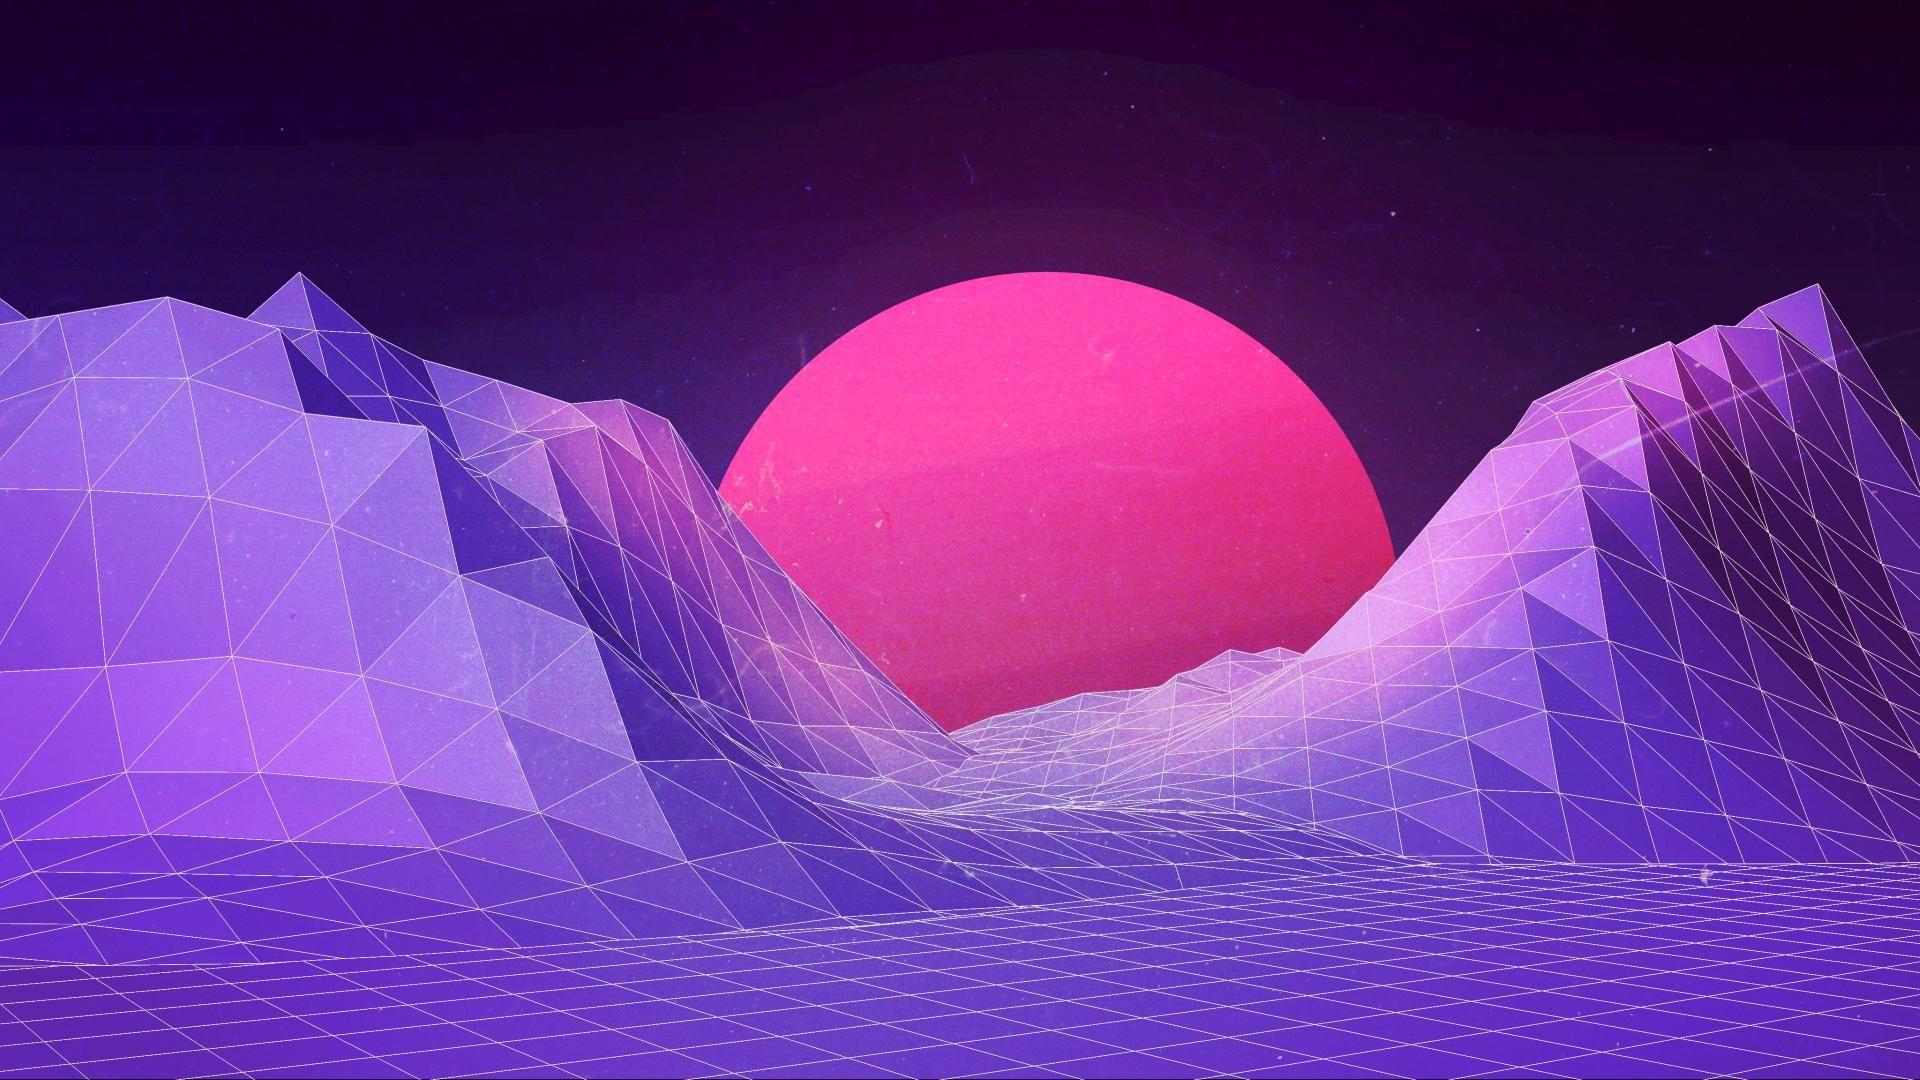 Geometric Sunset Vaporwave Wallpaper Aesthetic Tumblr